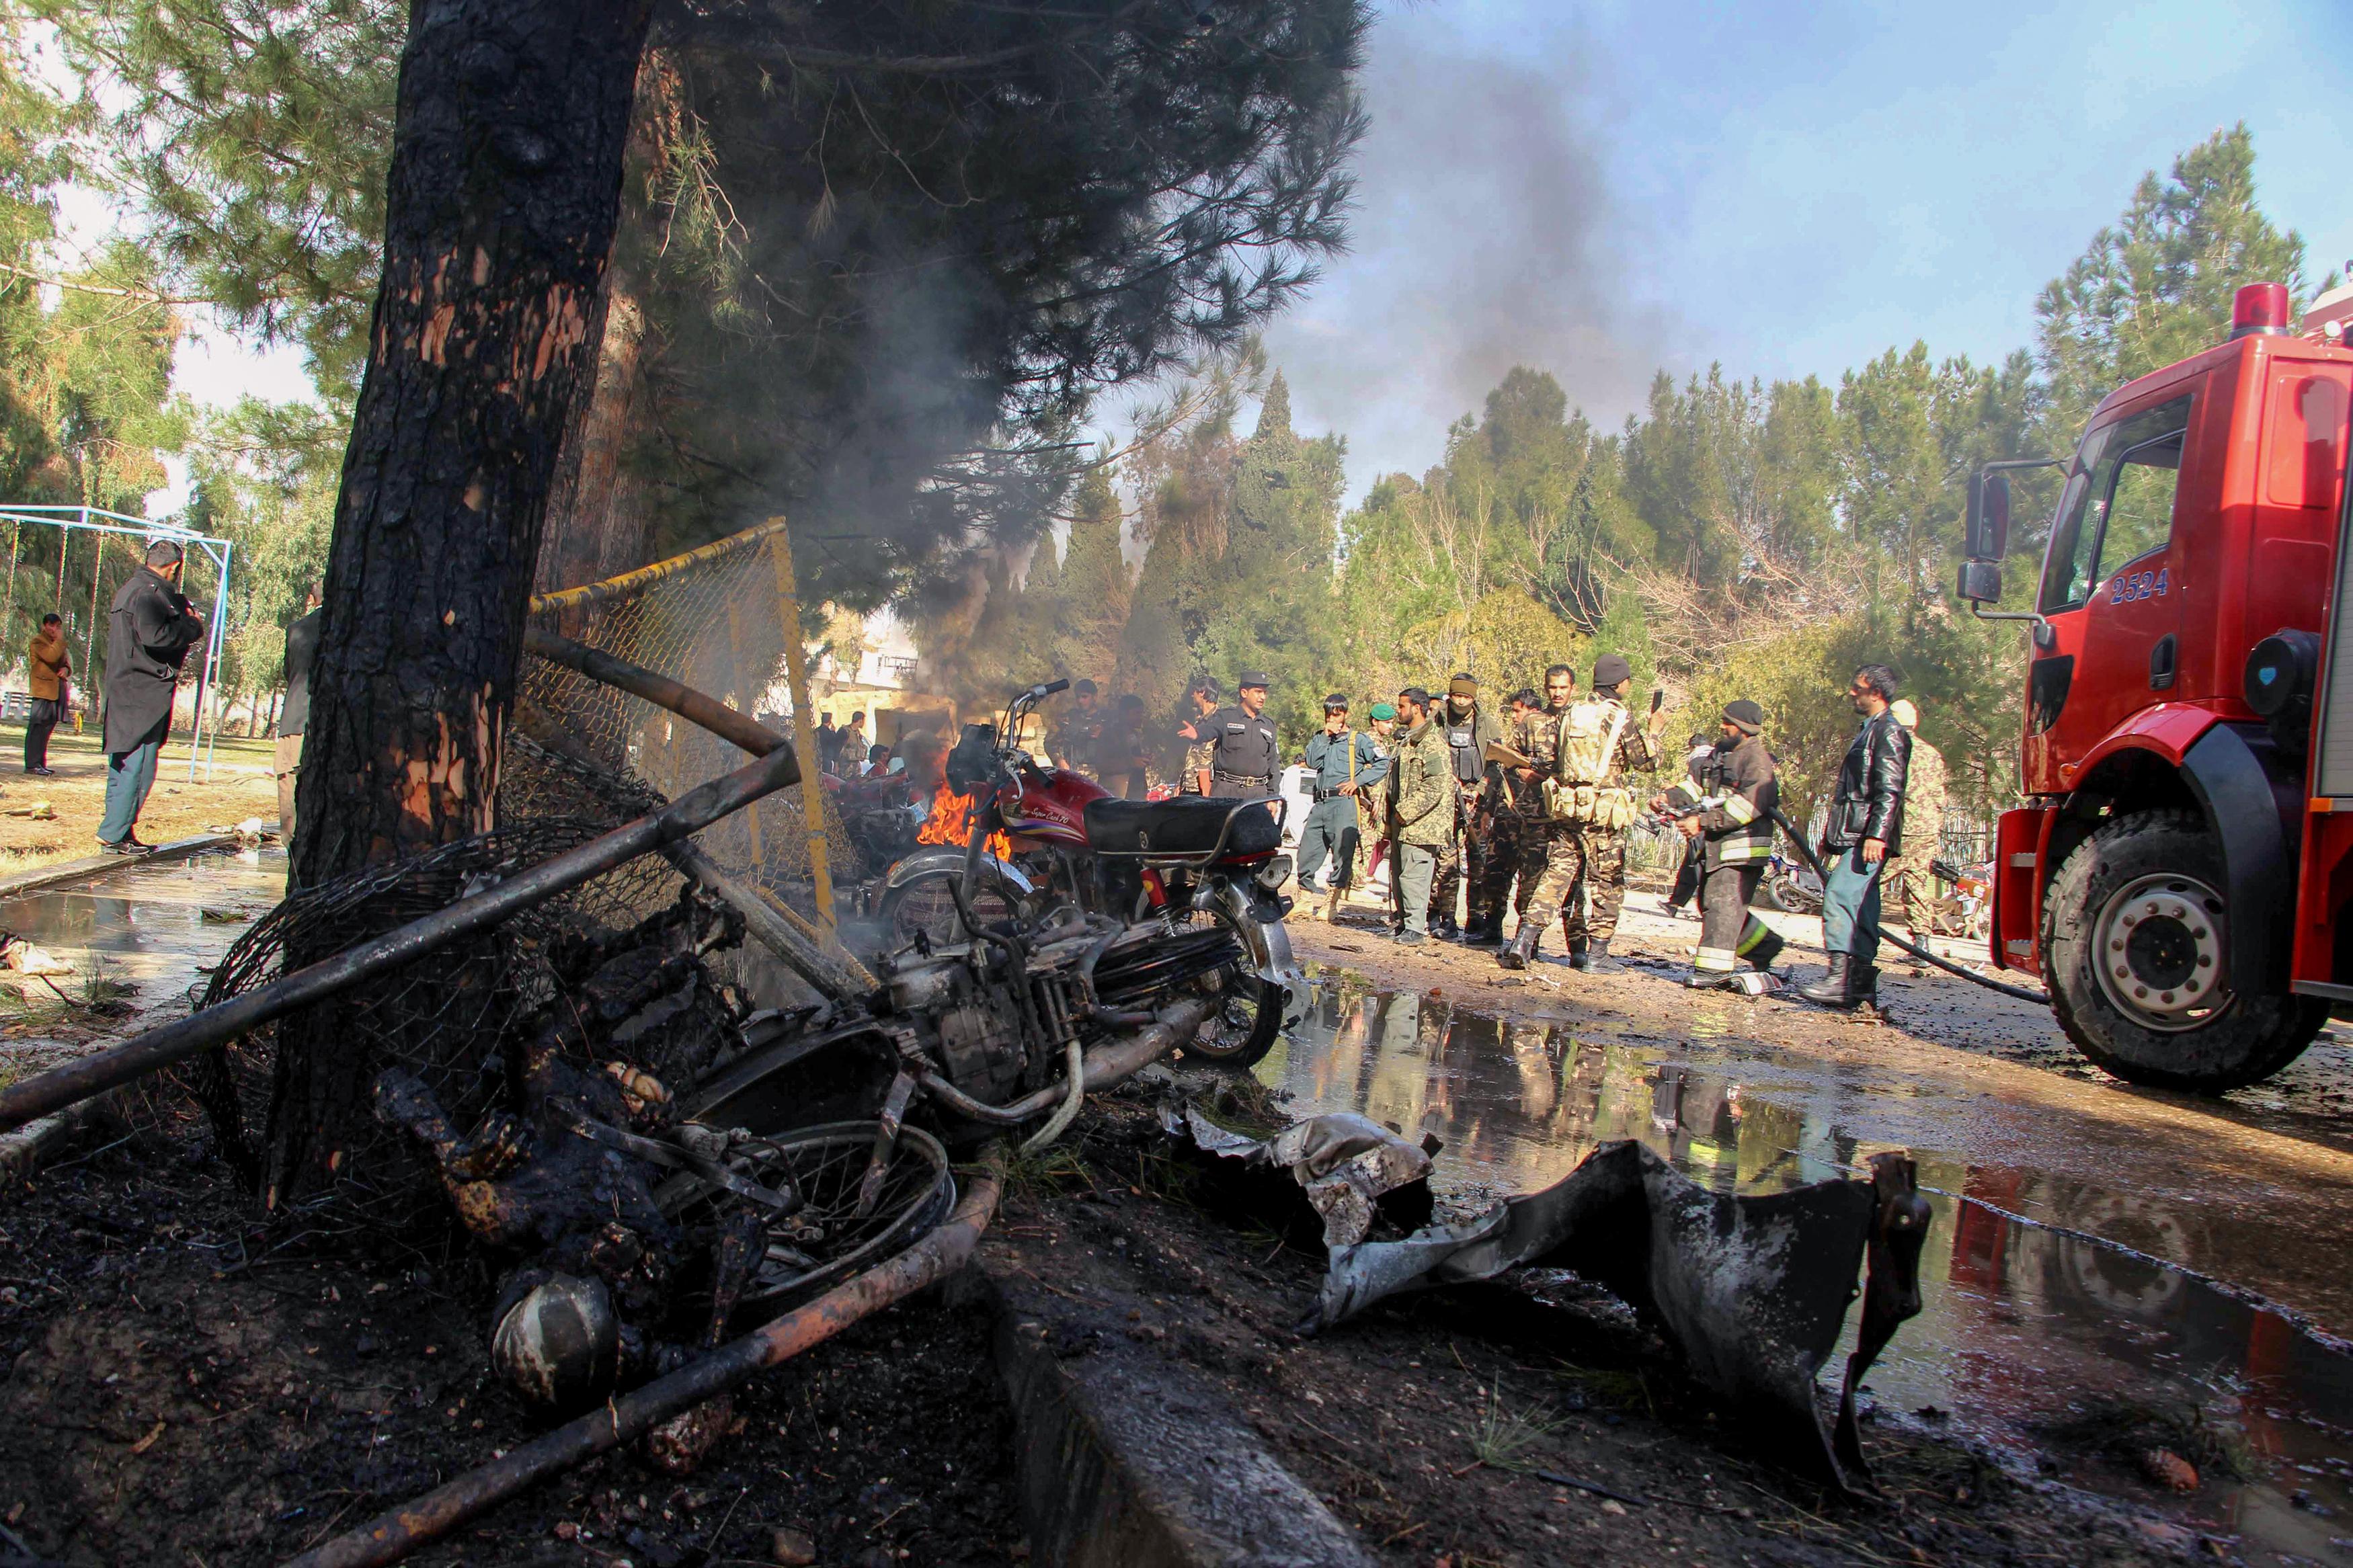 حملات طالبان تفاوت بین حرف و عمل این گروپ را برملا می کند